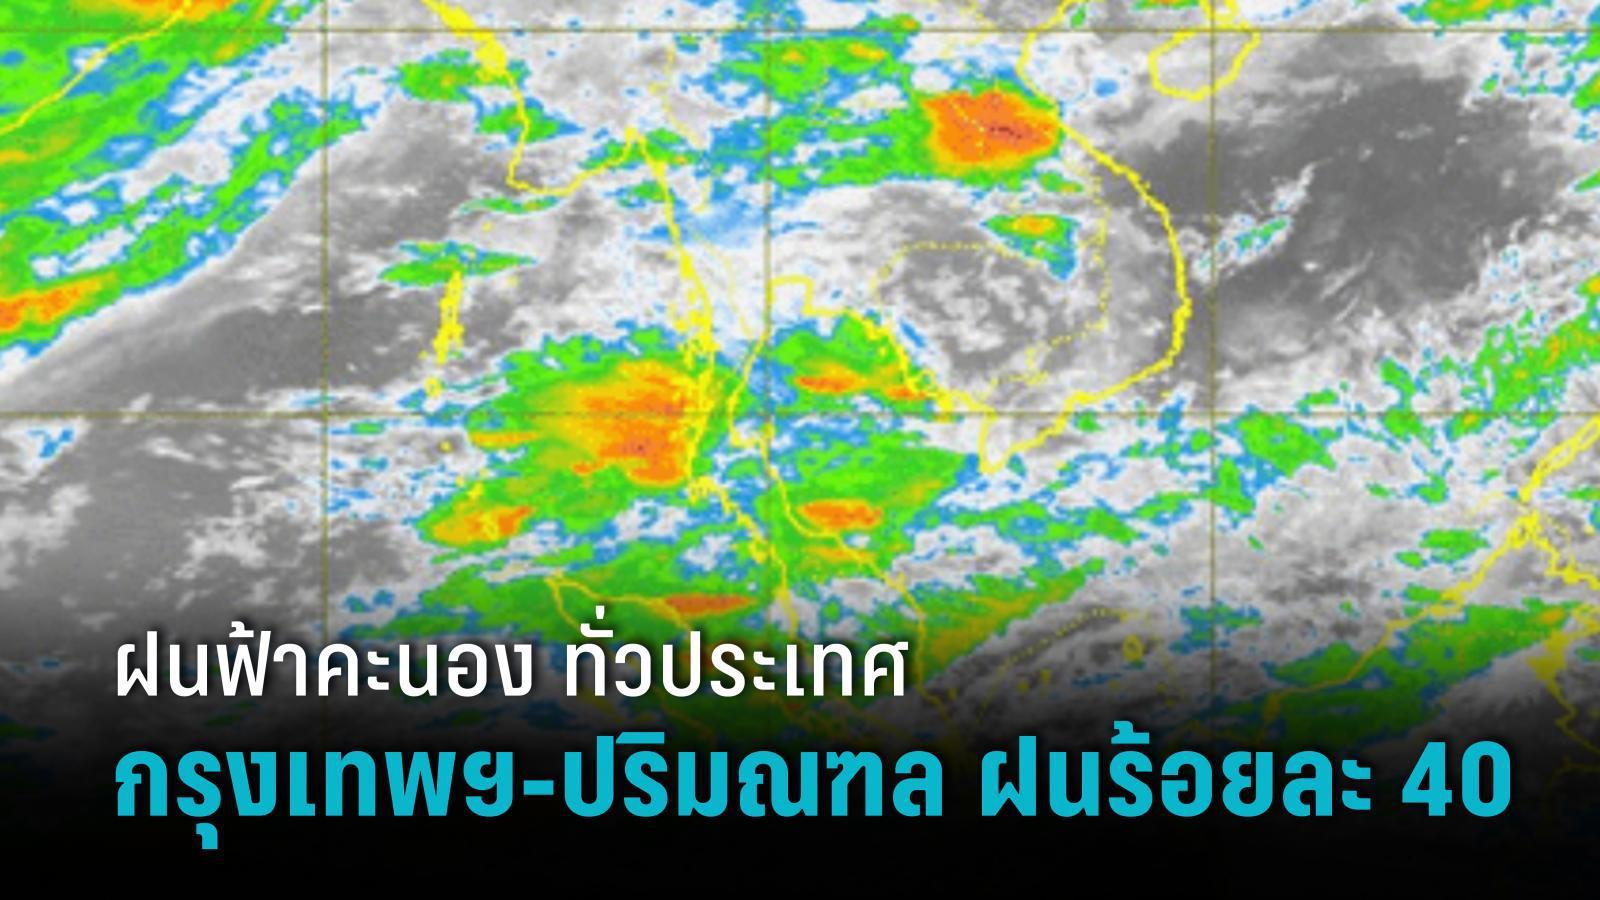 อุตุฯ เตือน ฝนฟ้าคะนอง ทั่วประเทศ กรุงเทพฯ-ปริมณฑล ฝนร้อยละ 40